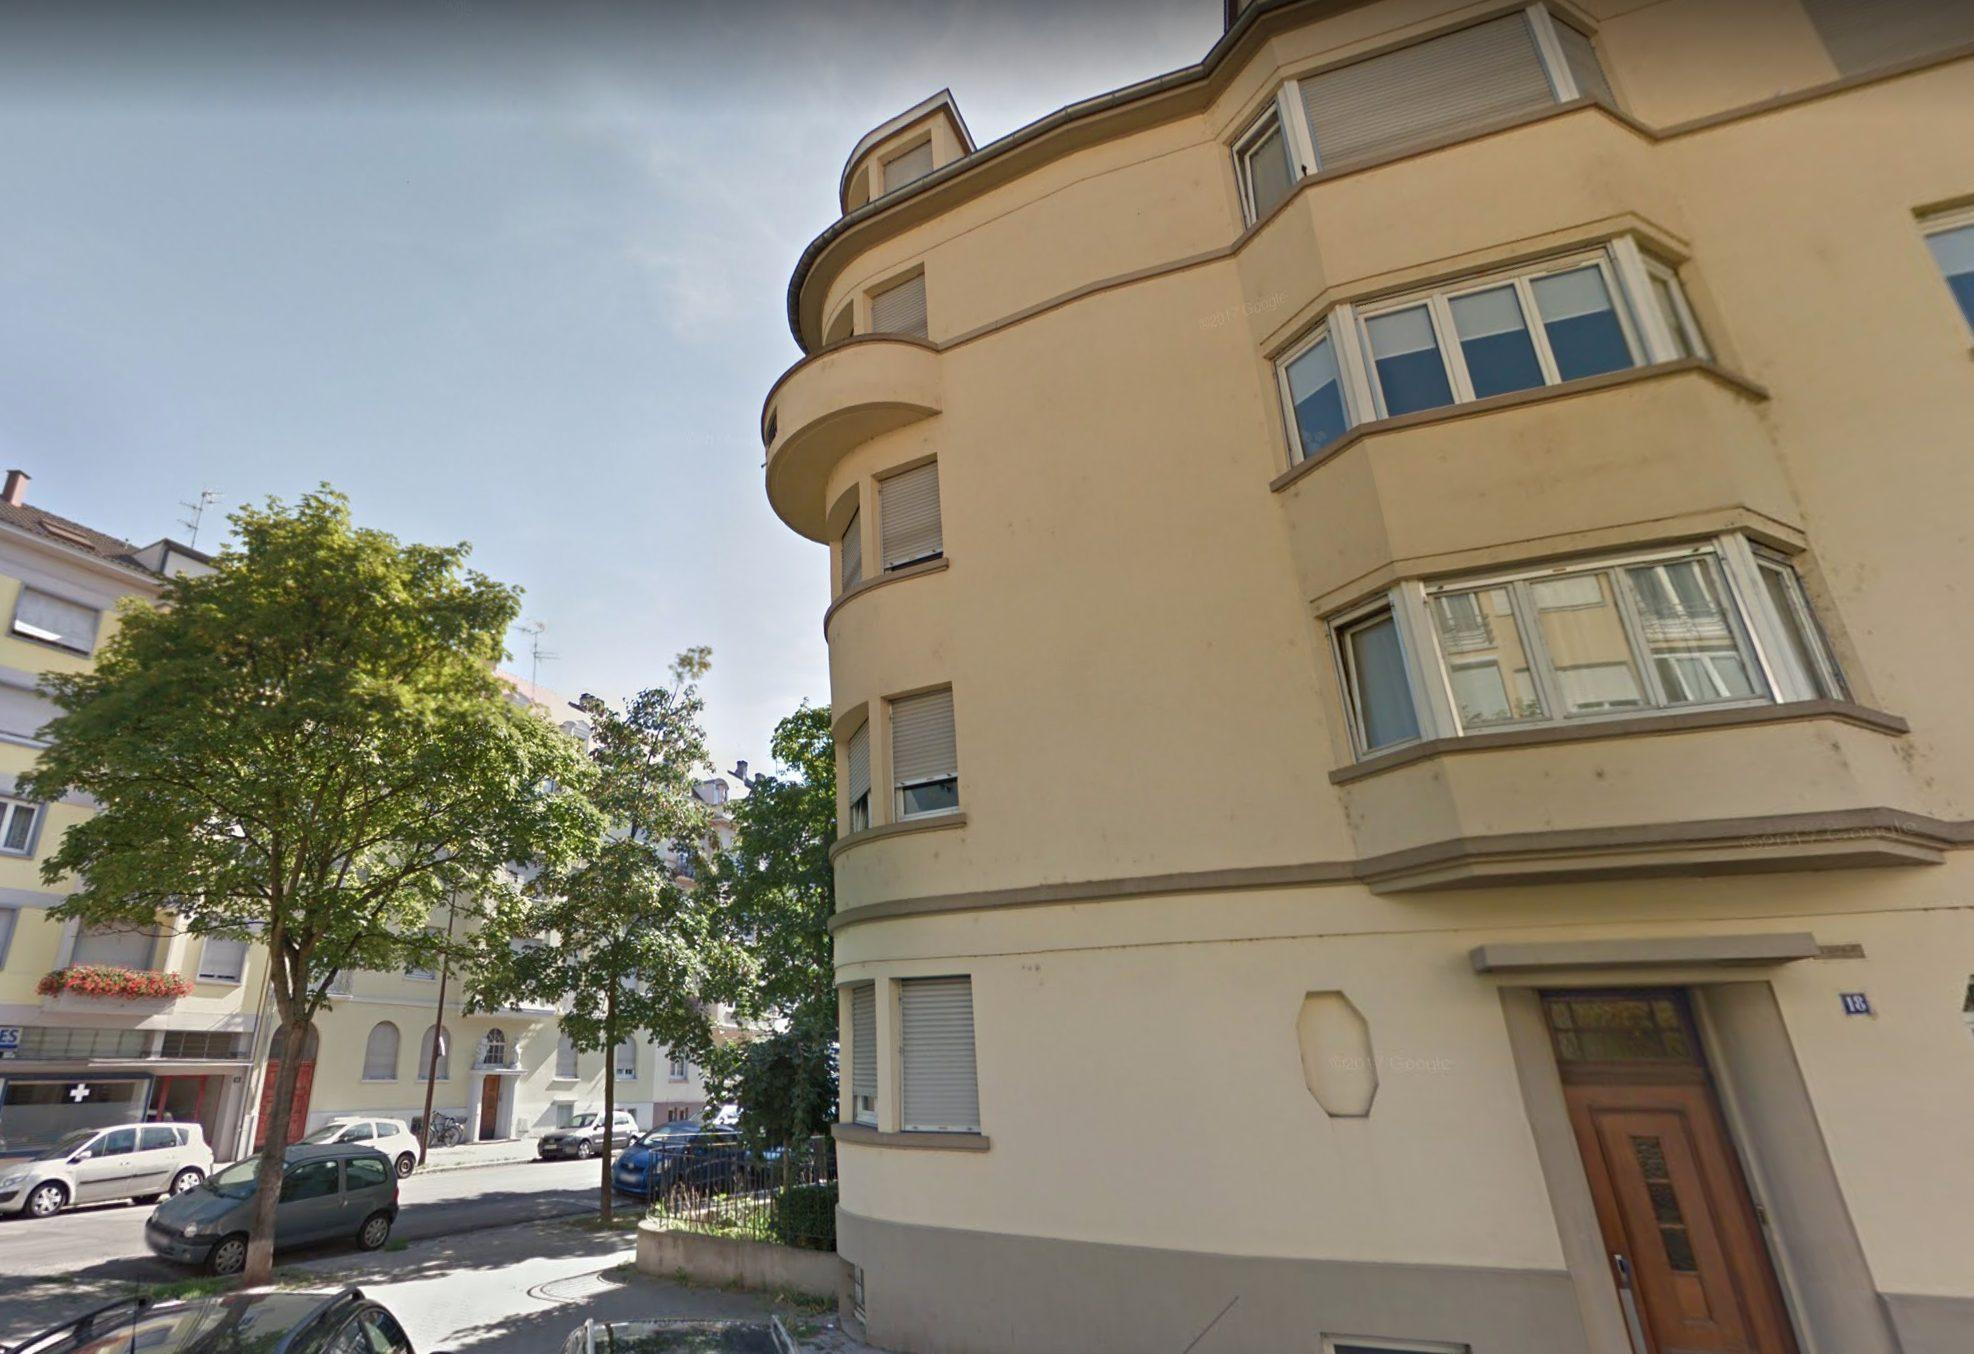 2 pièces à l'orangerie - Devenez locataire en toute sérénité - Bintz Immobilier - 1